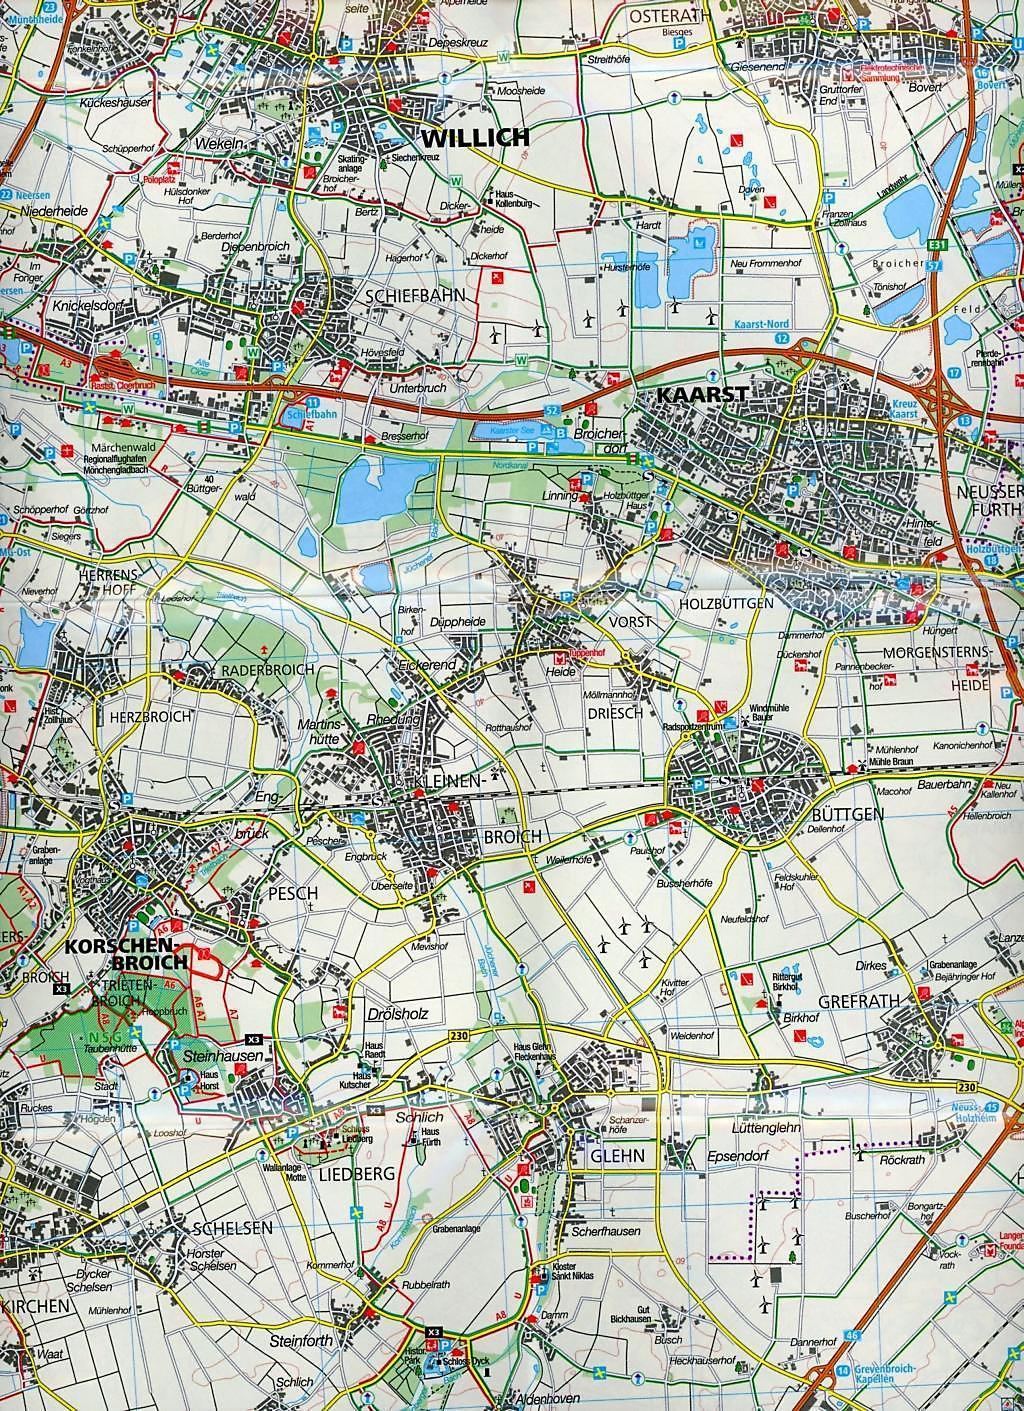 Karte Niederrhein.Kompass Karte Niederrhein Süd Naturpark Maas Schwalm Nette Buch